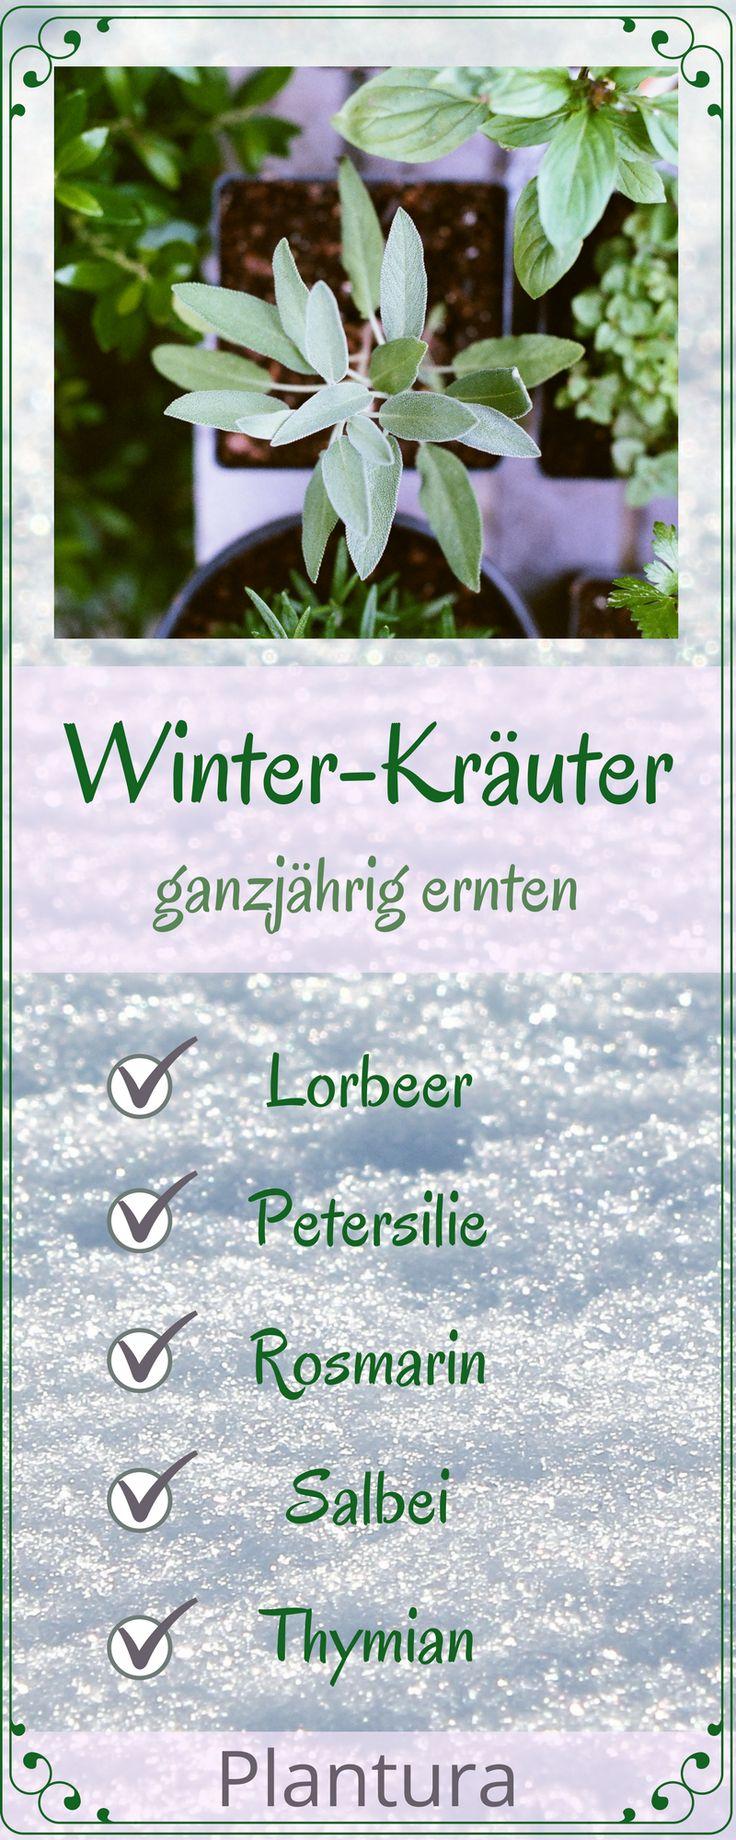 Folgende Kräuter können auch im Winter ohne Verlust an würzigem Aroma aus dem Beet geerntet werden. Mehr zum Anbau und derPflege findet Ihr auf Plantura! #Winter #Kräuter #Garten